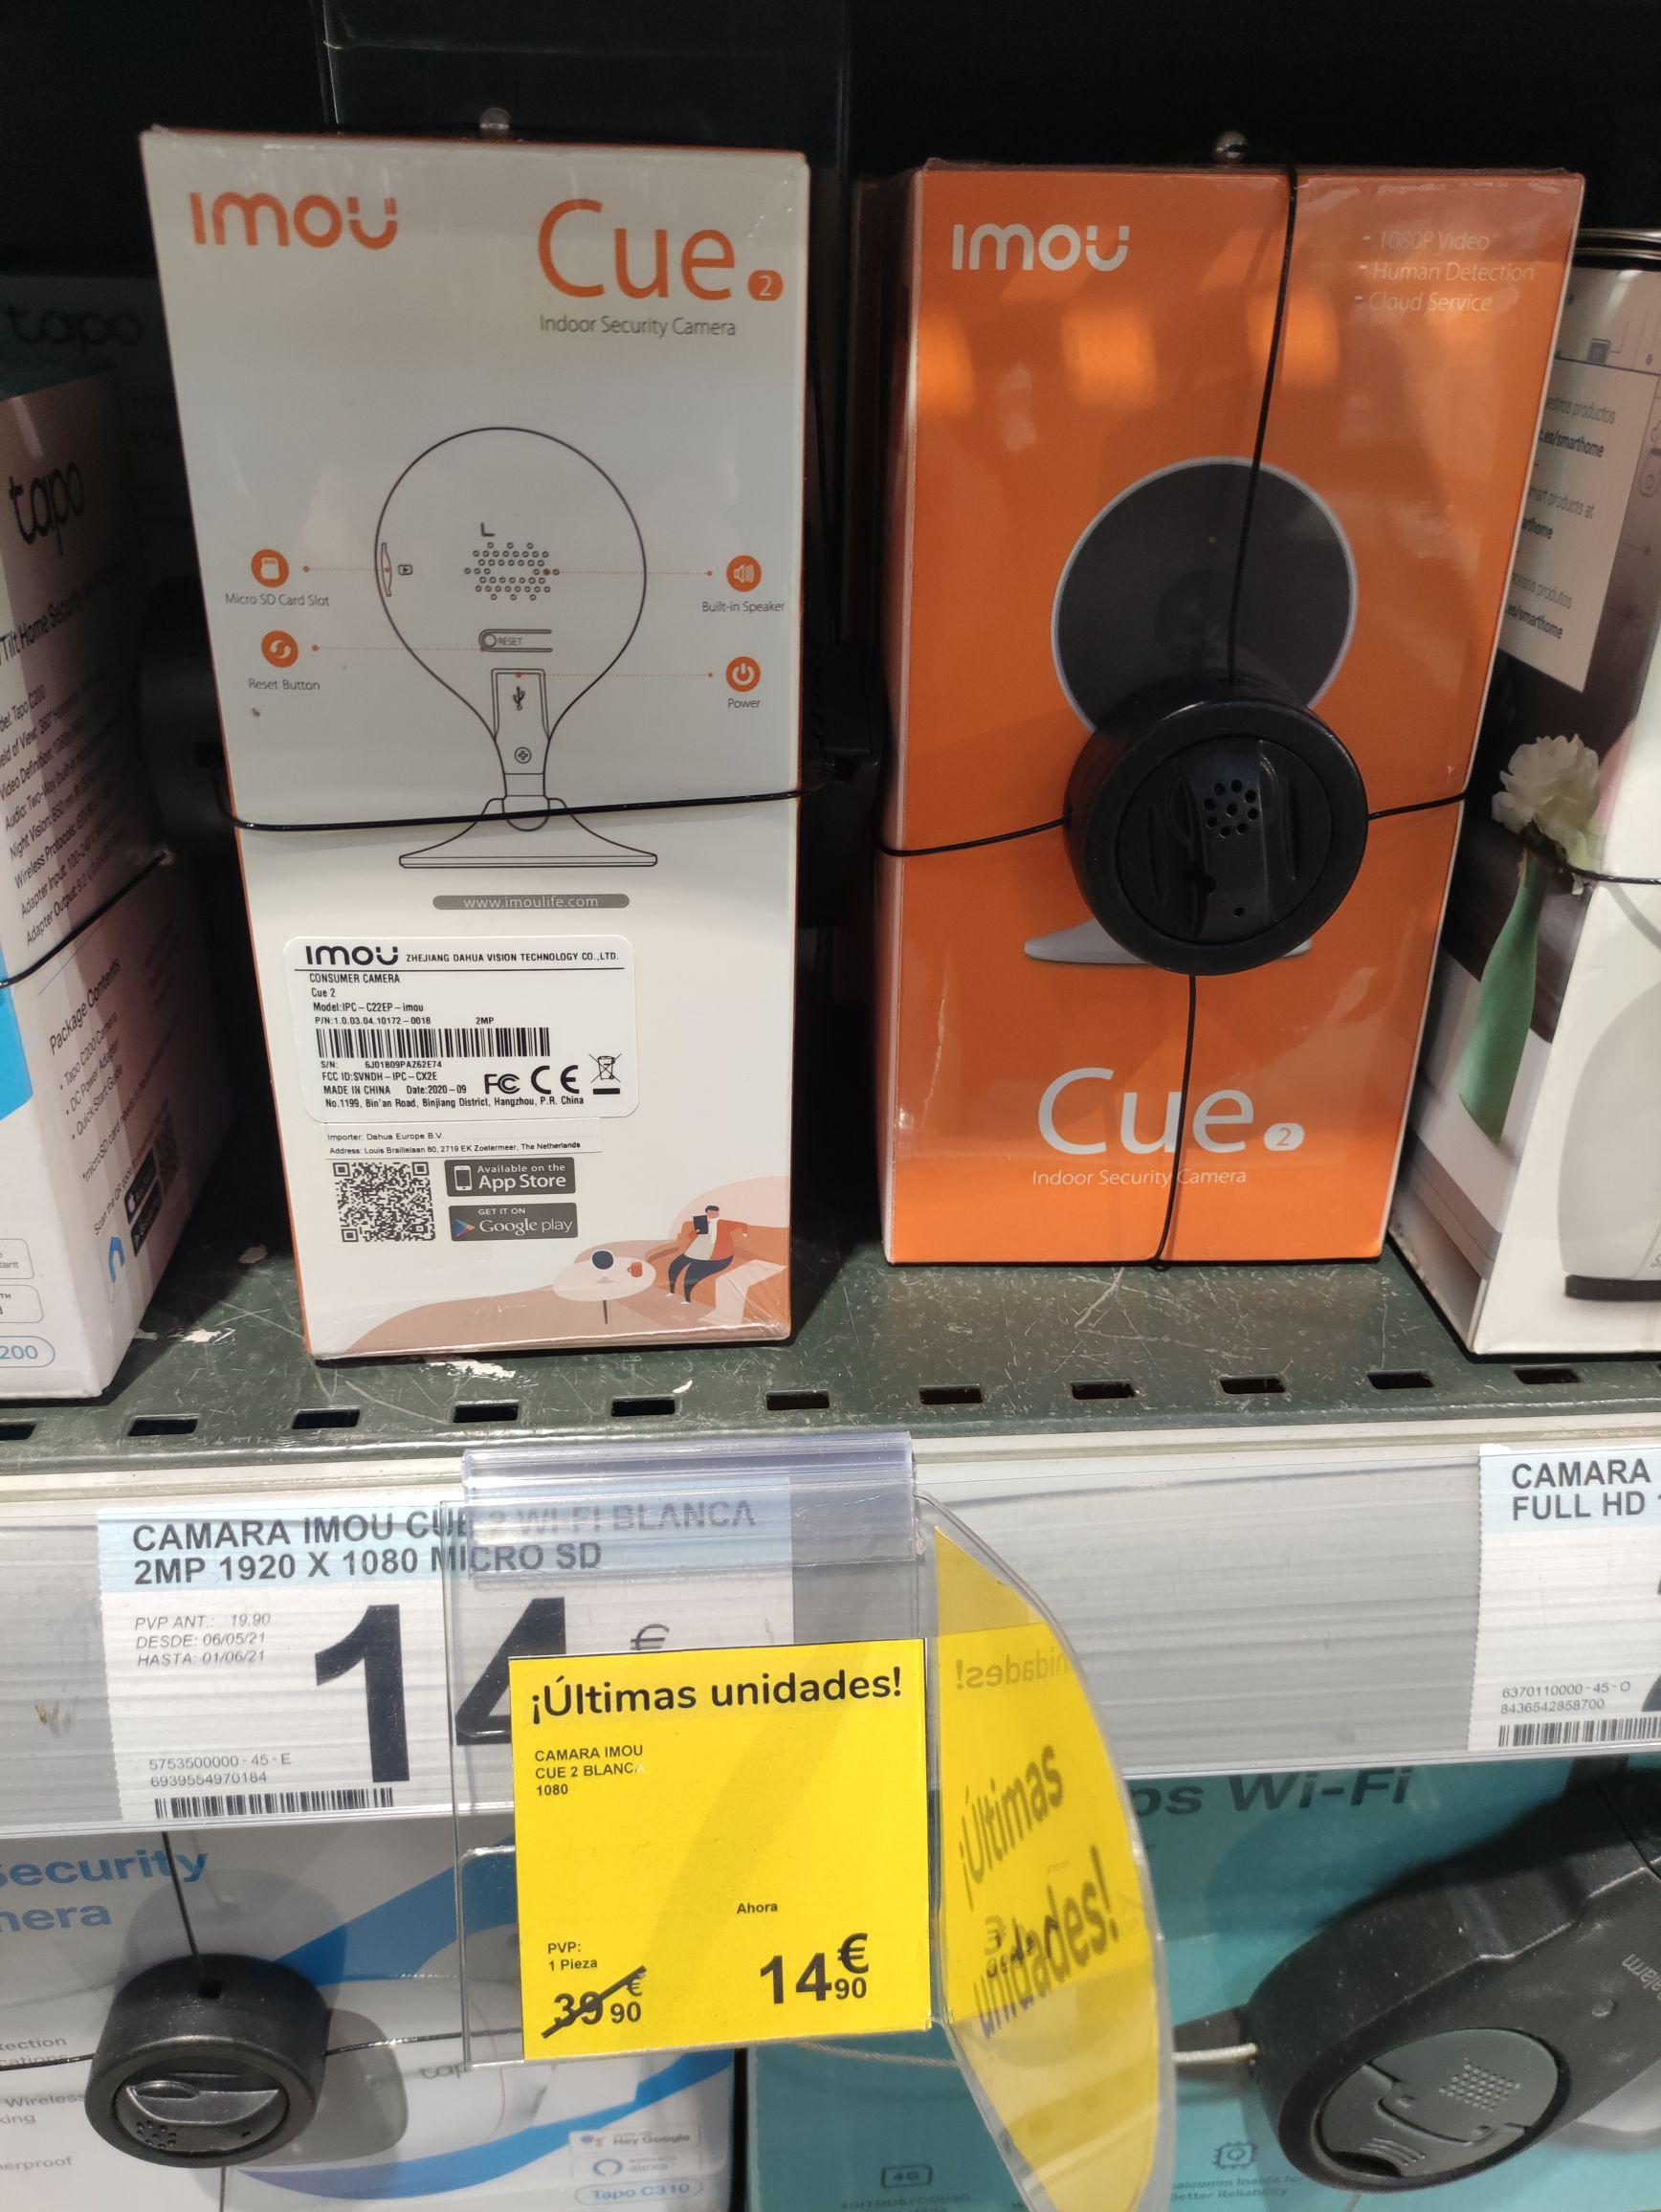 Cámara de vigilancia IMOU Cue 2 en Carrefour Les Glòries, Barcelona.